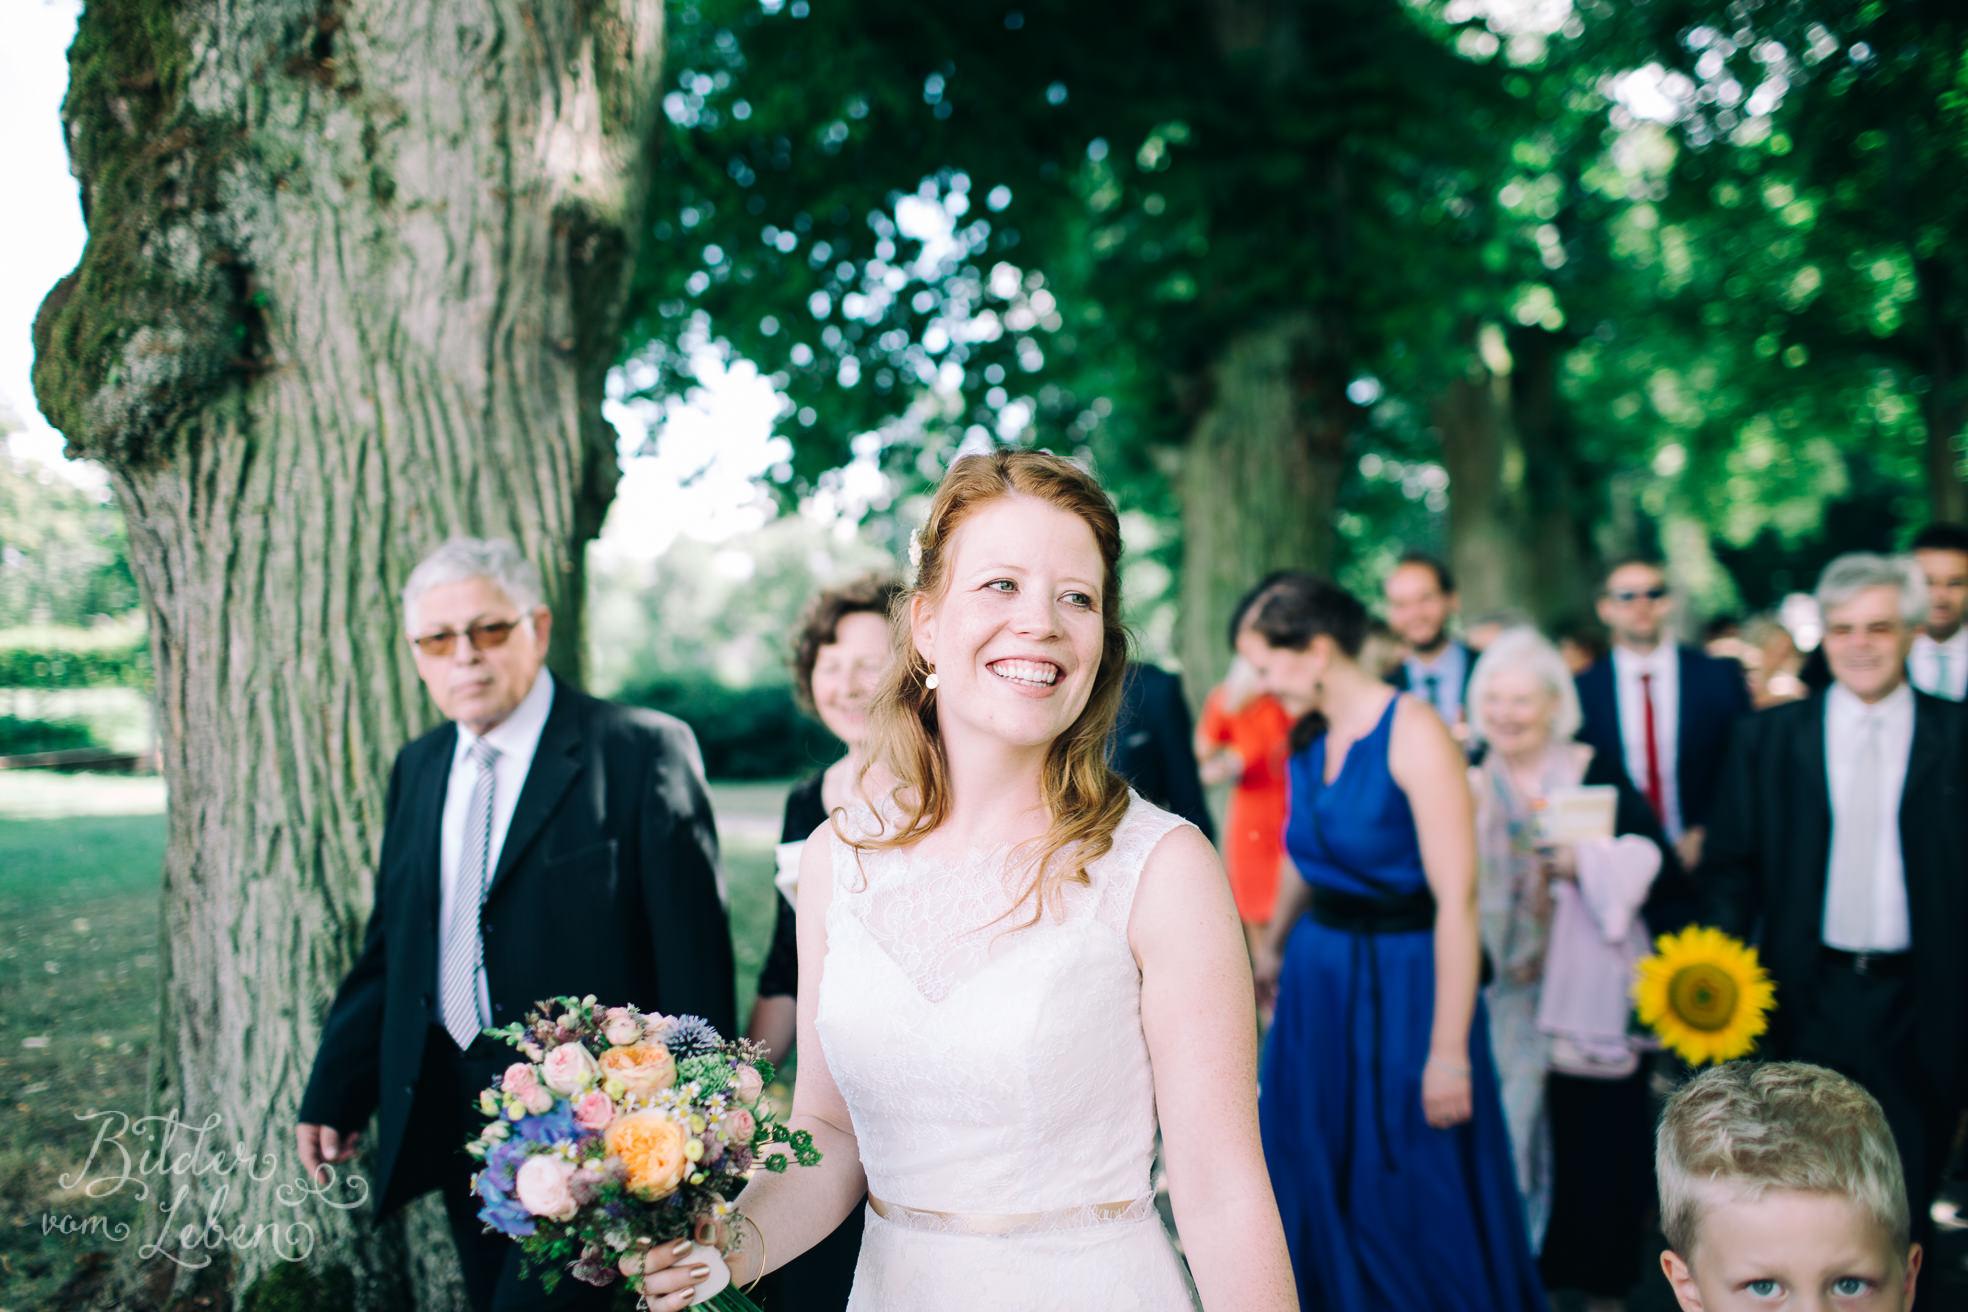 Franzi-Mike-Hochzeitsfotos-Triesdorf-IM2C1483